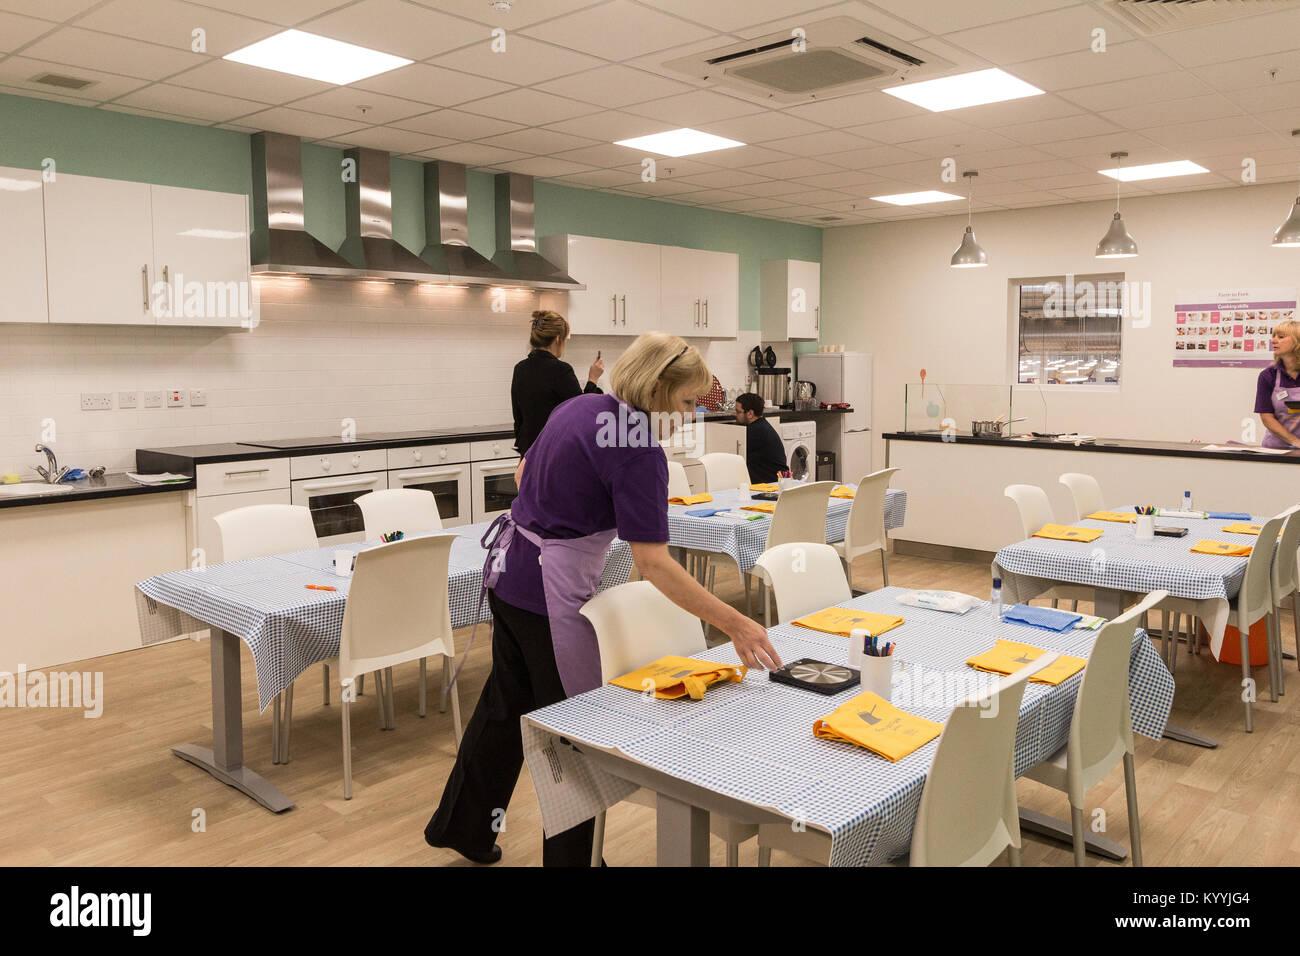 Tesco Extra, Rotherham, Yorkshire UK. The Eat Happy Kitchen Tesco Extra, Rotherham, Yorkshire UK. The Eat Happy - Stock Image